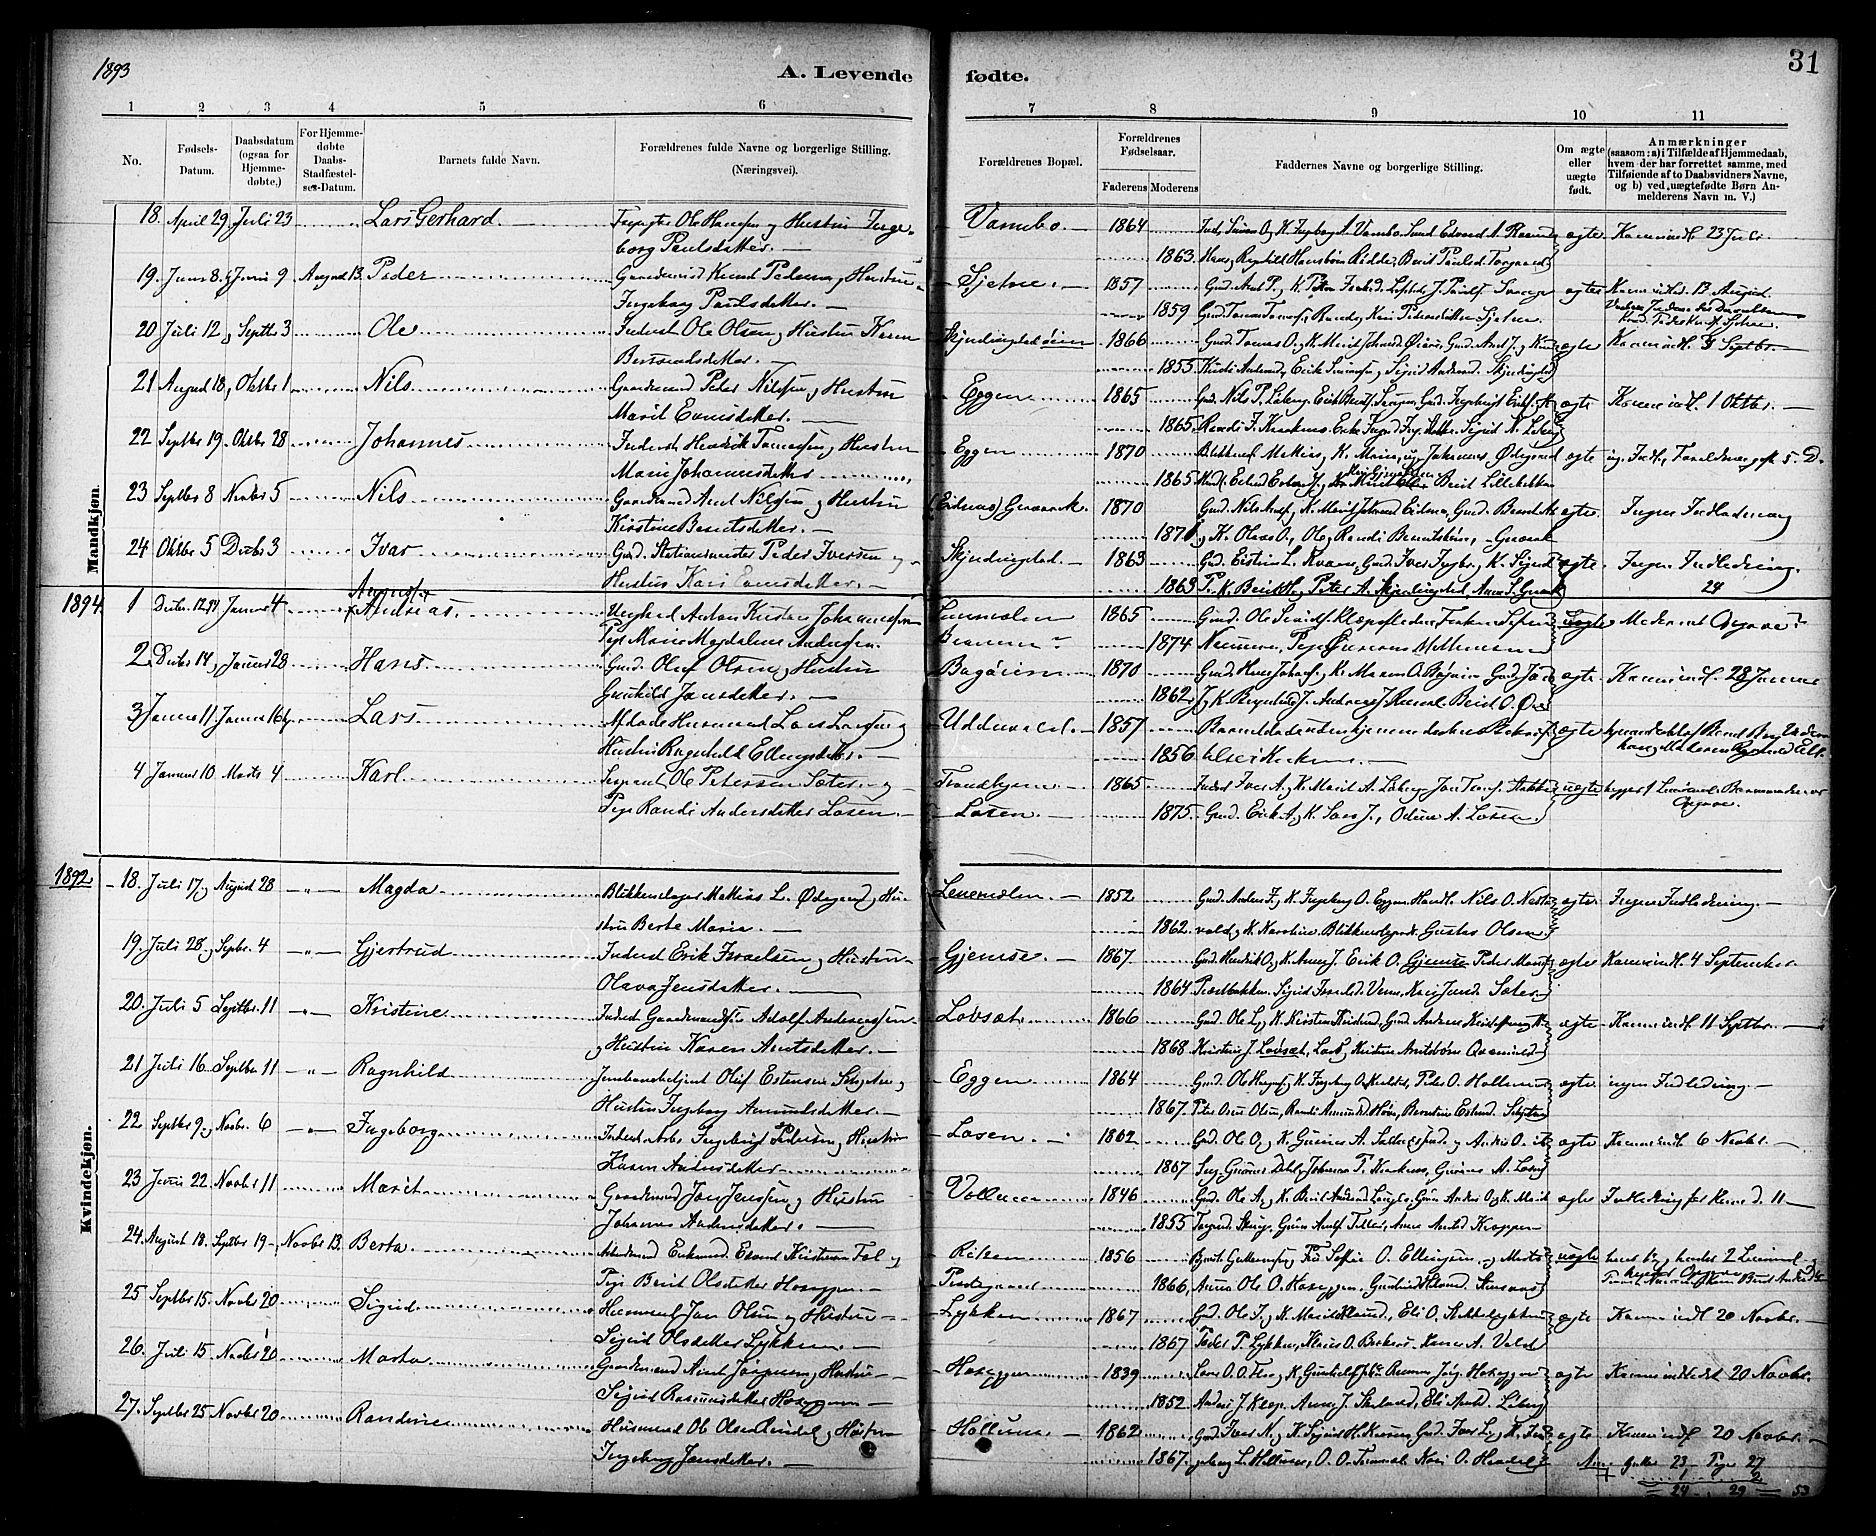 SAT, Ministerialprotokoller, klokkerbøker og fødselsregistre - Sør-Trøndelag, 691/L1094: Klokkerbok nr. 691C05, 1879-1911, s. 31